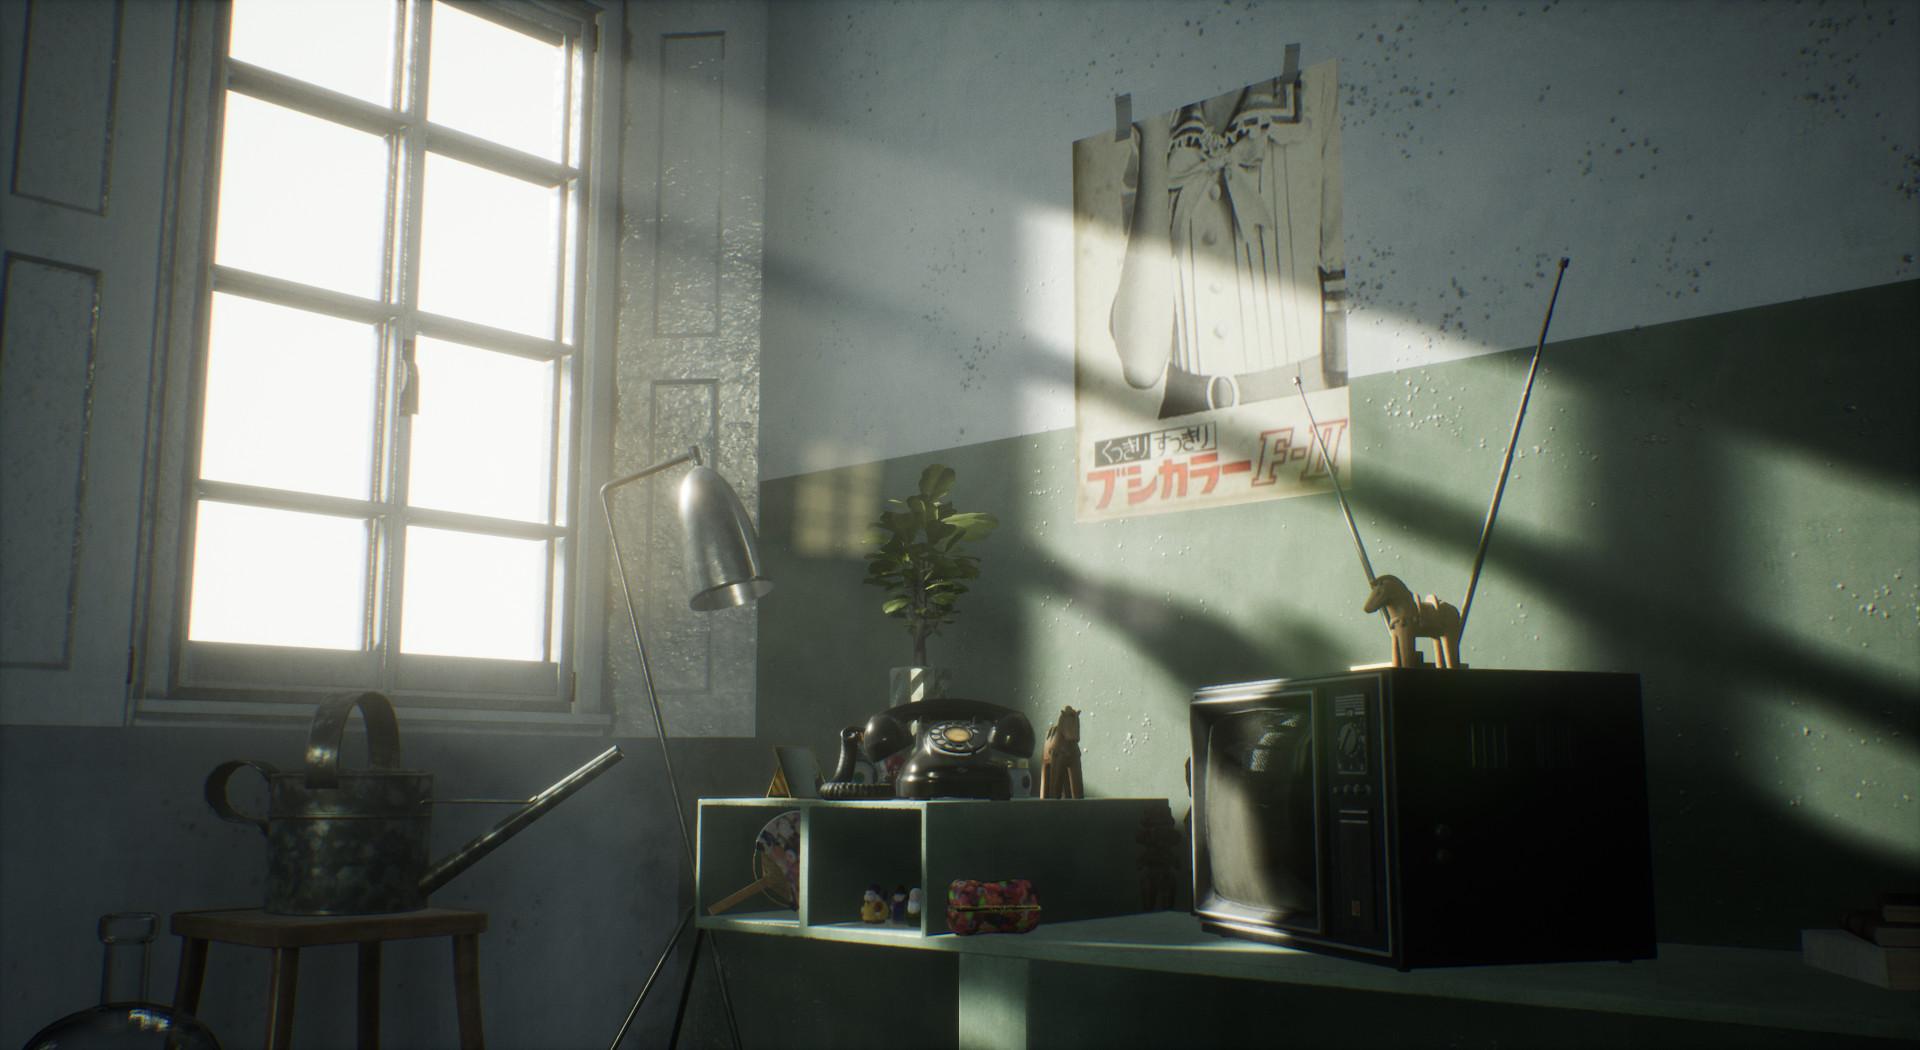 《临终:1983》将在PS5上支持光追 目标为4K和60FPS(3)